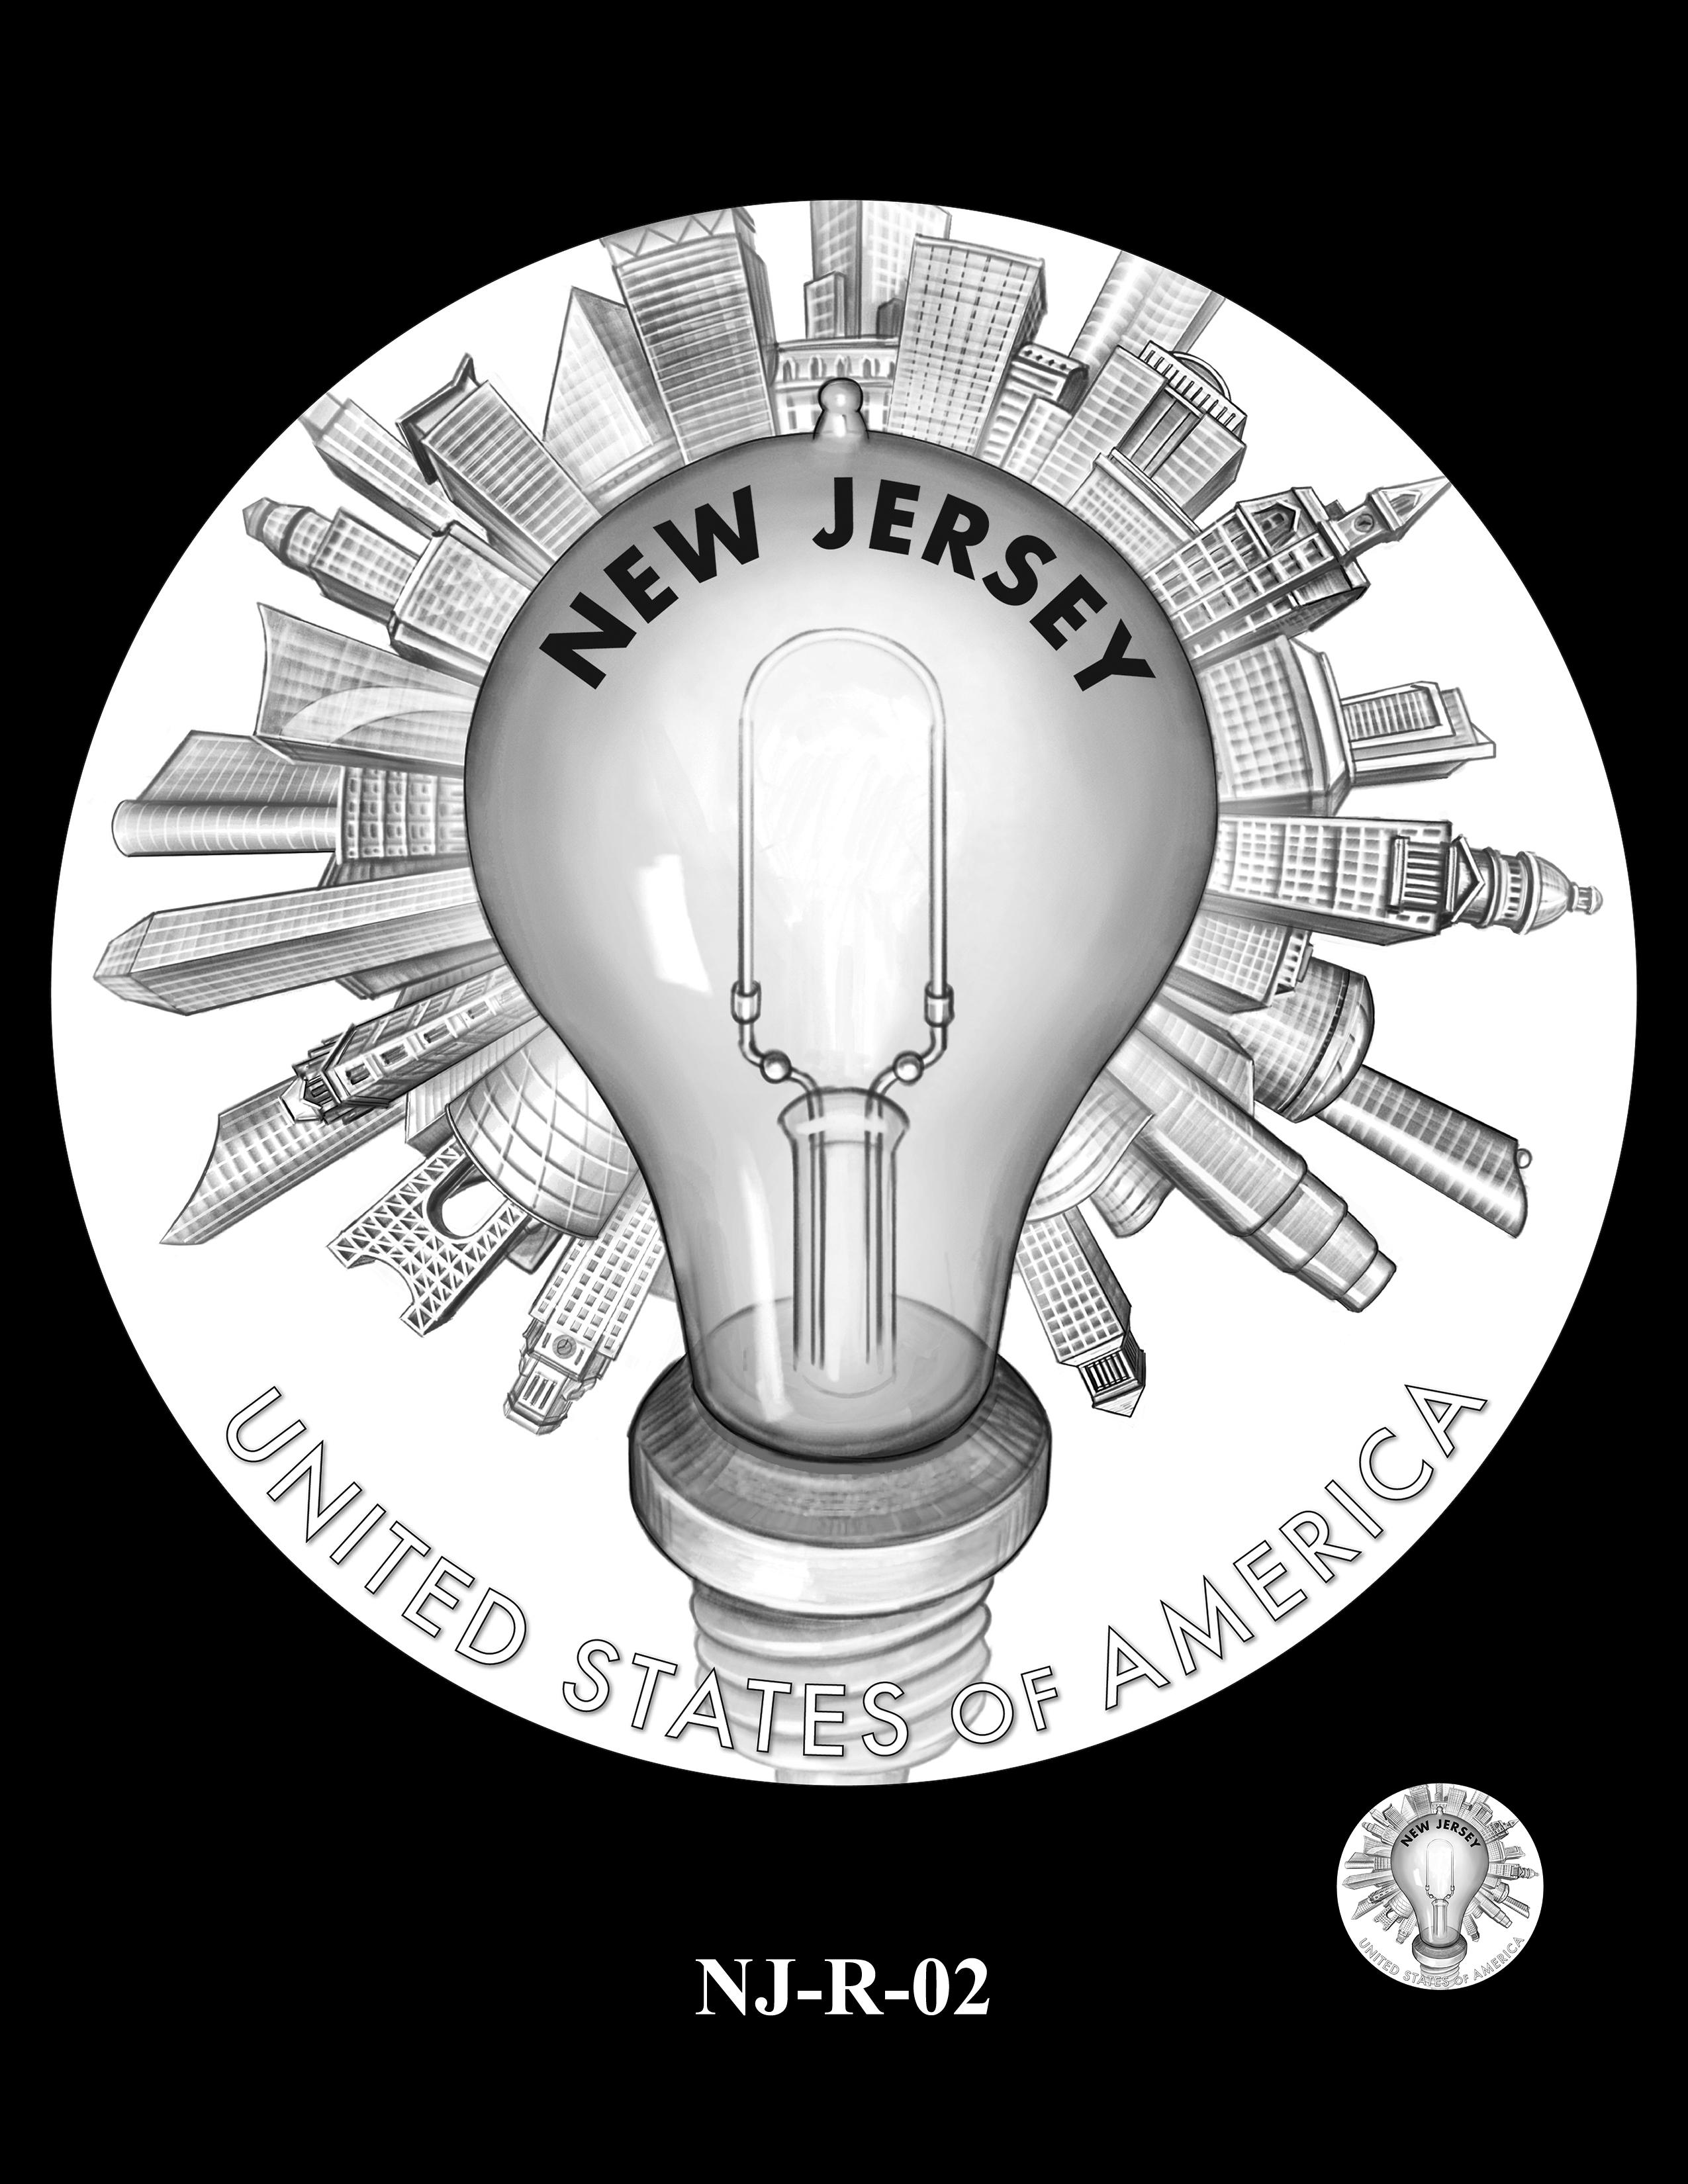 NJ-R-02 -- 2019 American Innovation $1 Coin Program